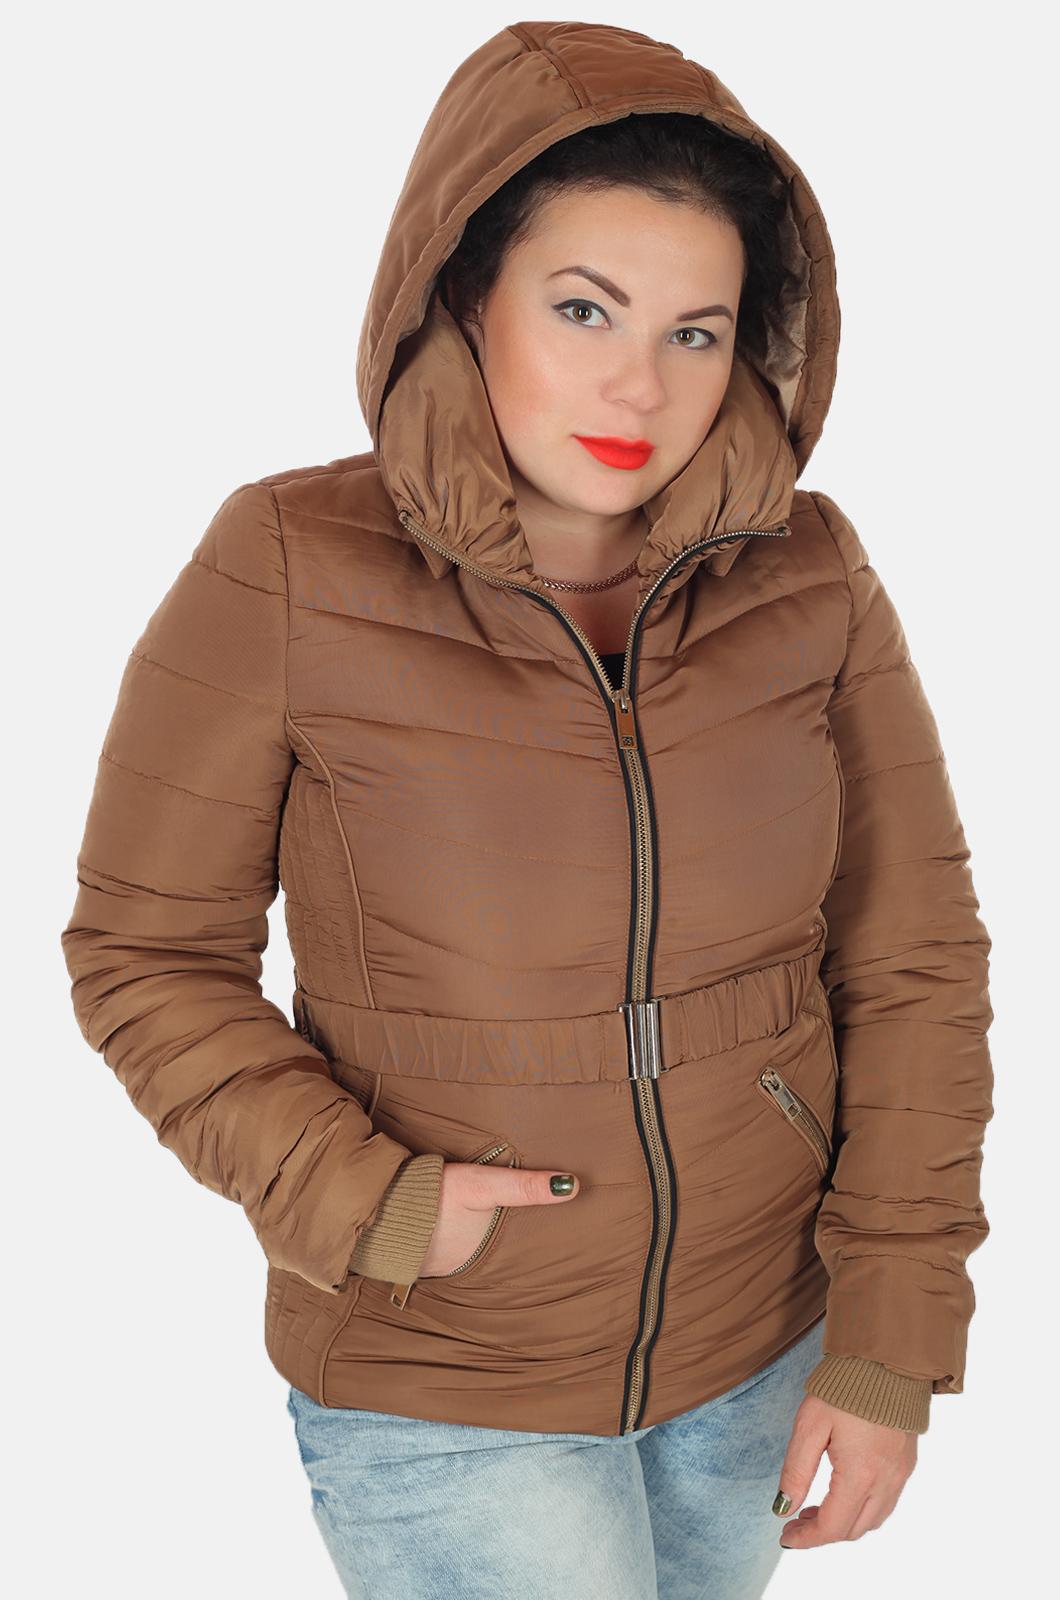 Приталенная курточка с манжетами и капюшоном